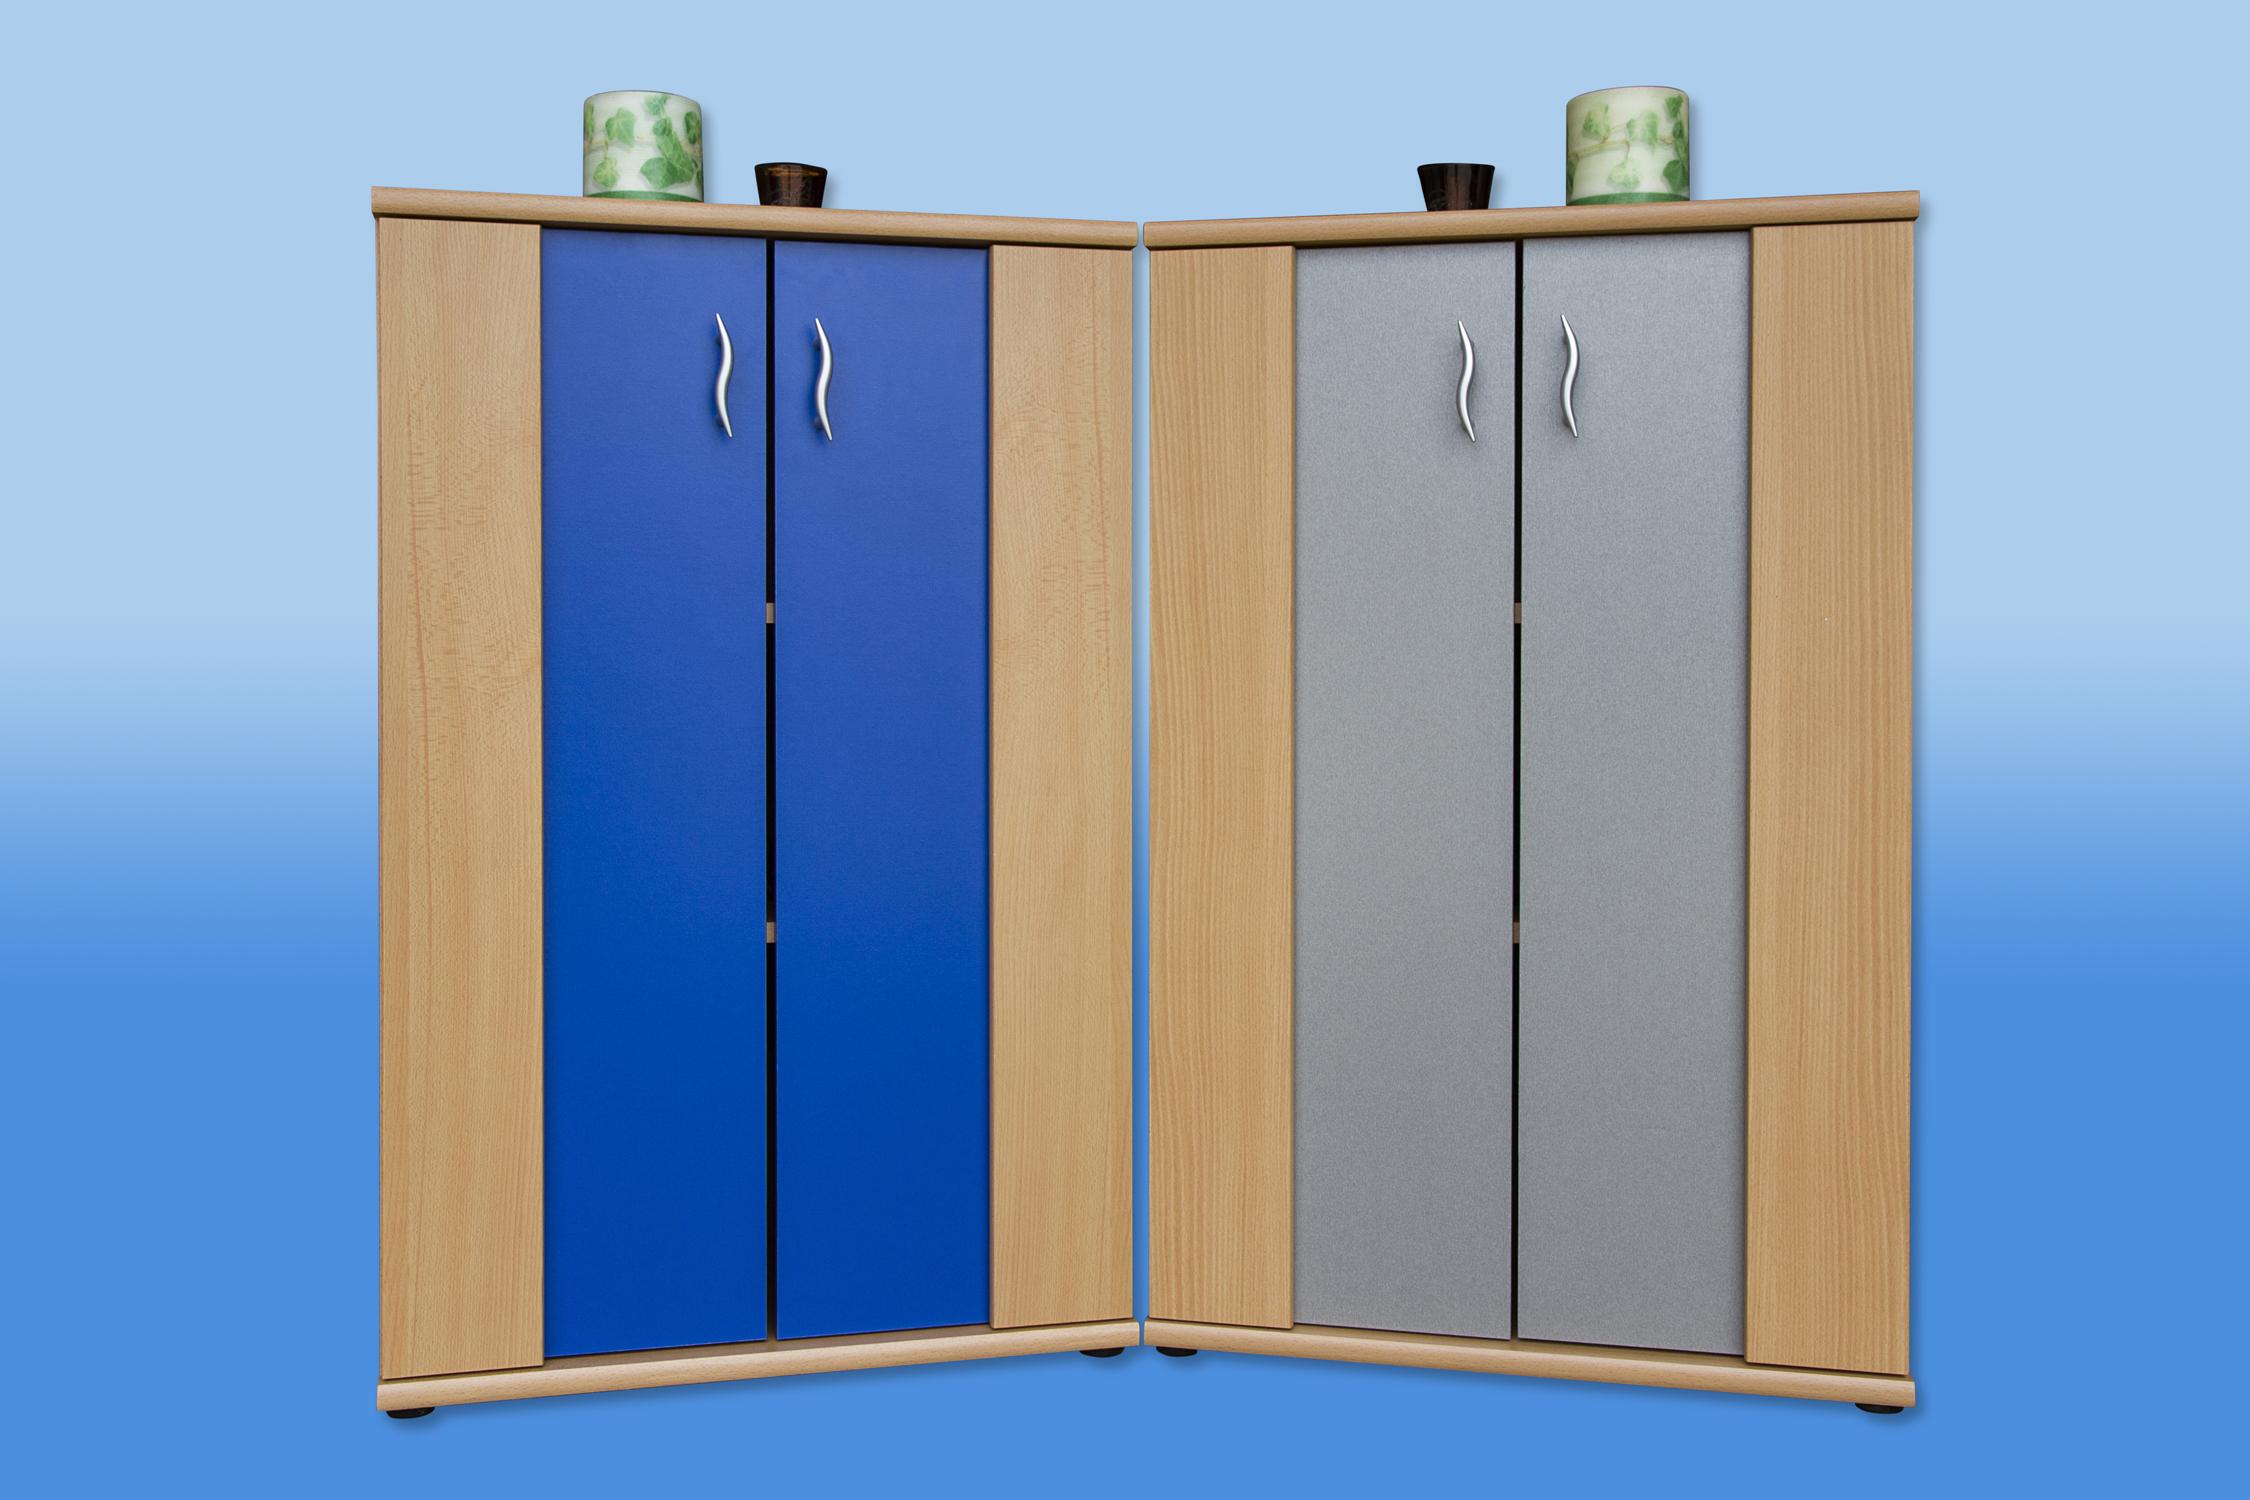 kommode mehrzweckkommode schrank mod k527 buche blau silber ebay. Black Bedroom Furniture Sets. Home Design Ideas